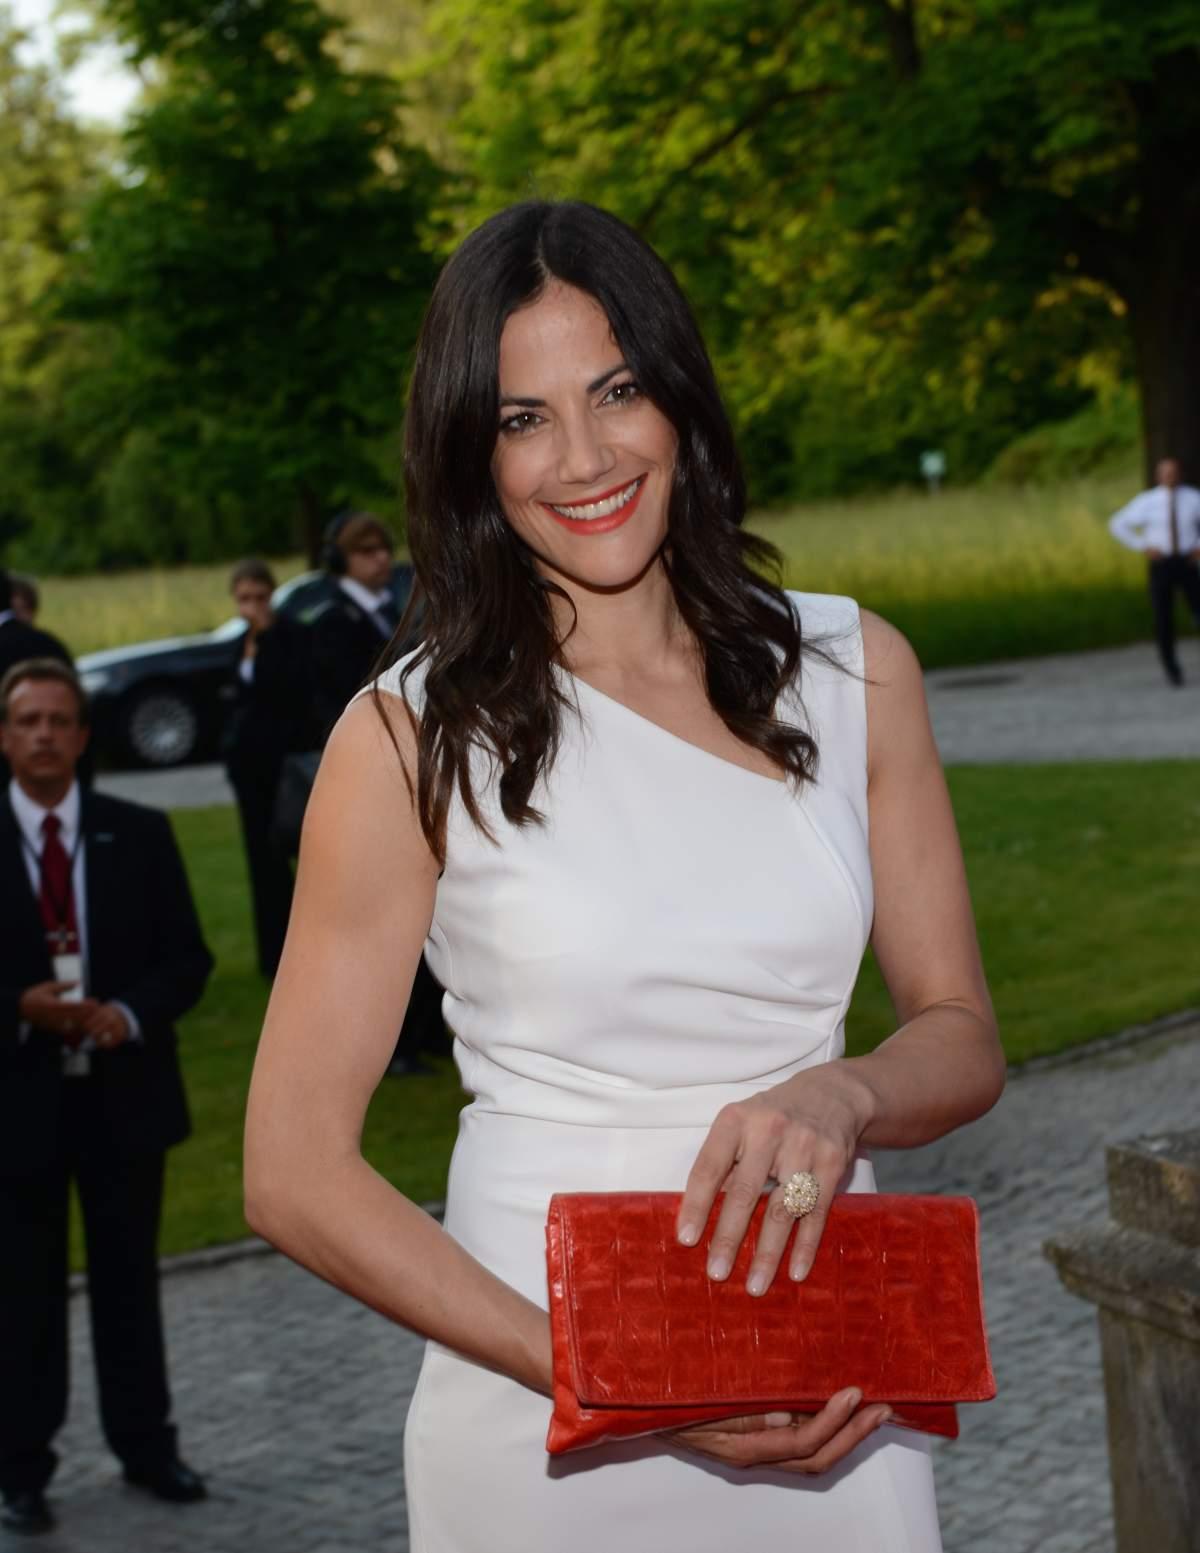 Die hübsche Schauspielerin Bettina Zimmermann ist stolz auf ihr erstes Kinderbuch